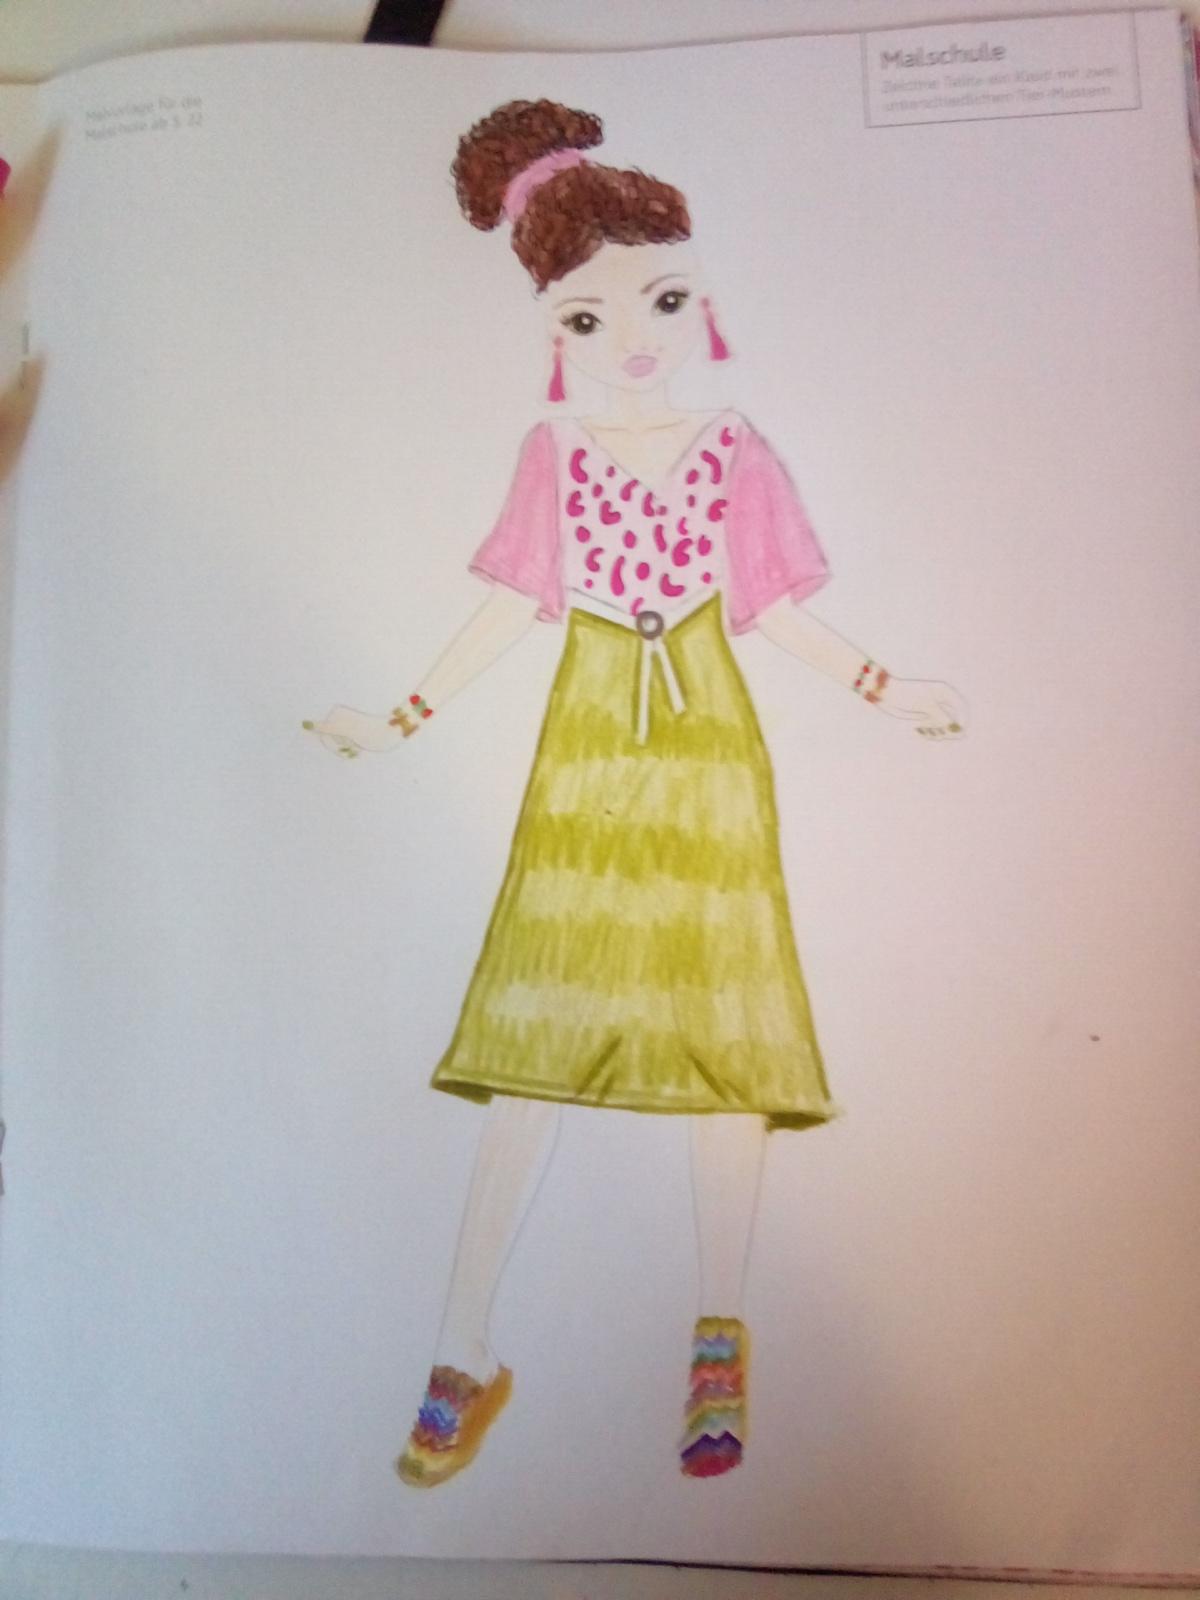 Hannah S., 10 Jahre, aus Landshut